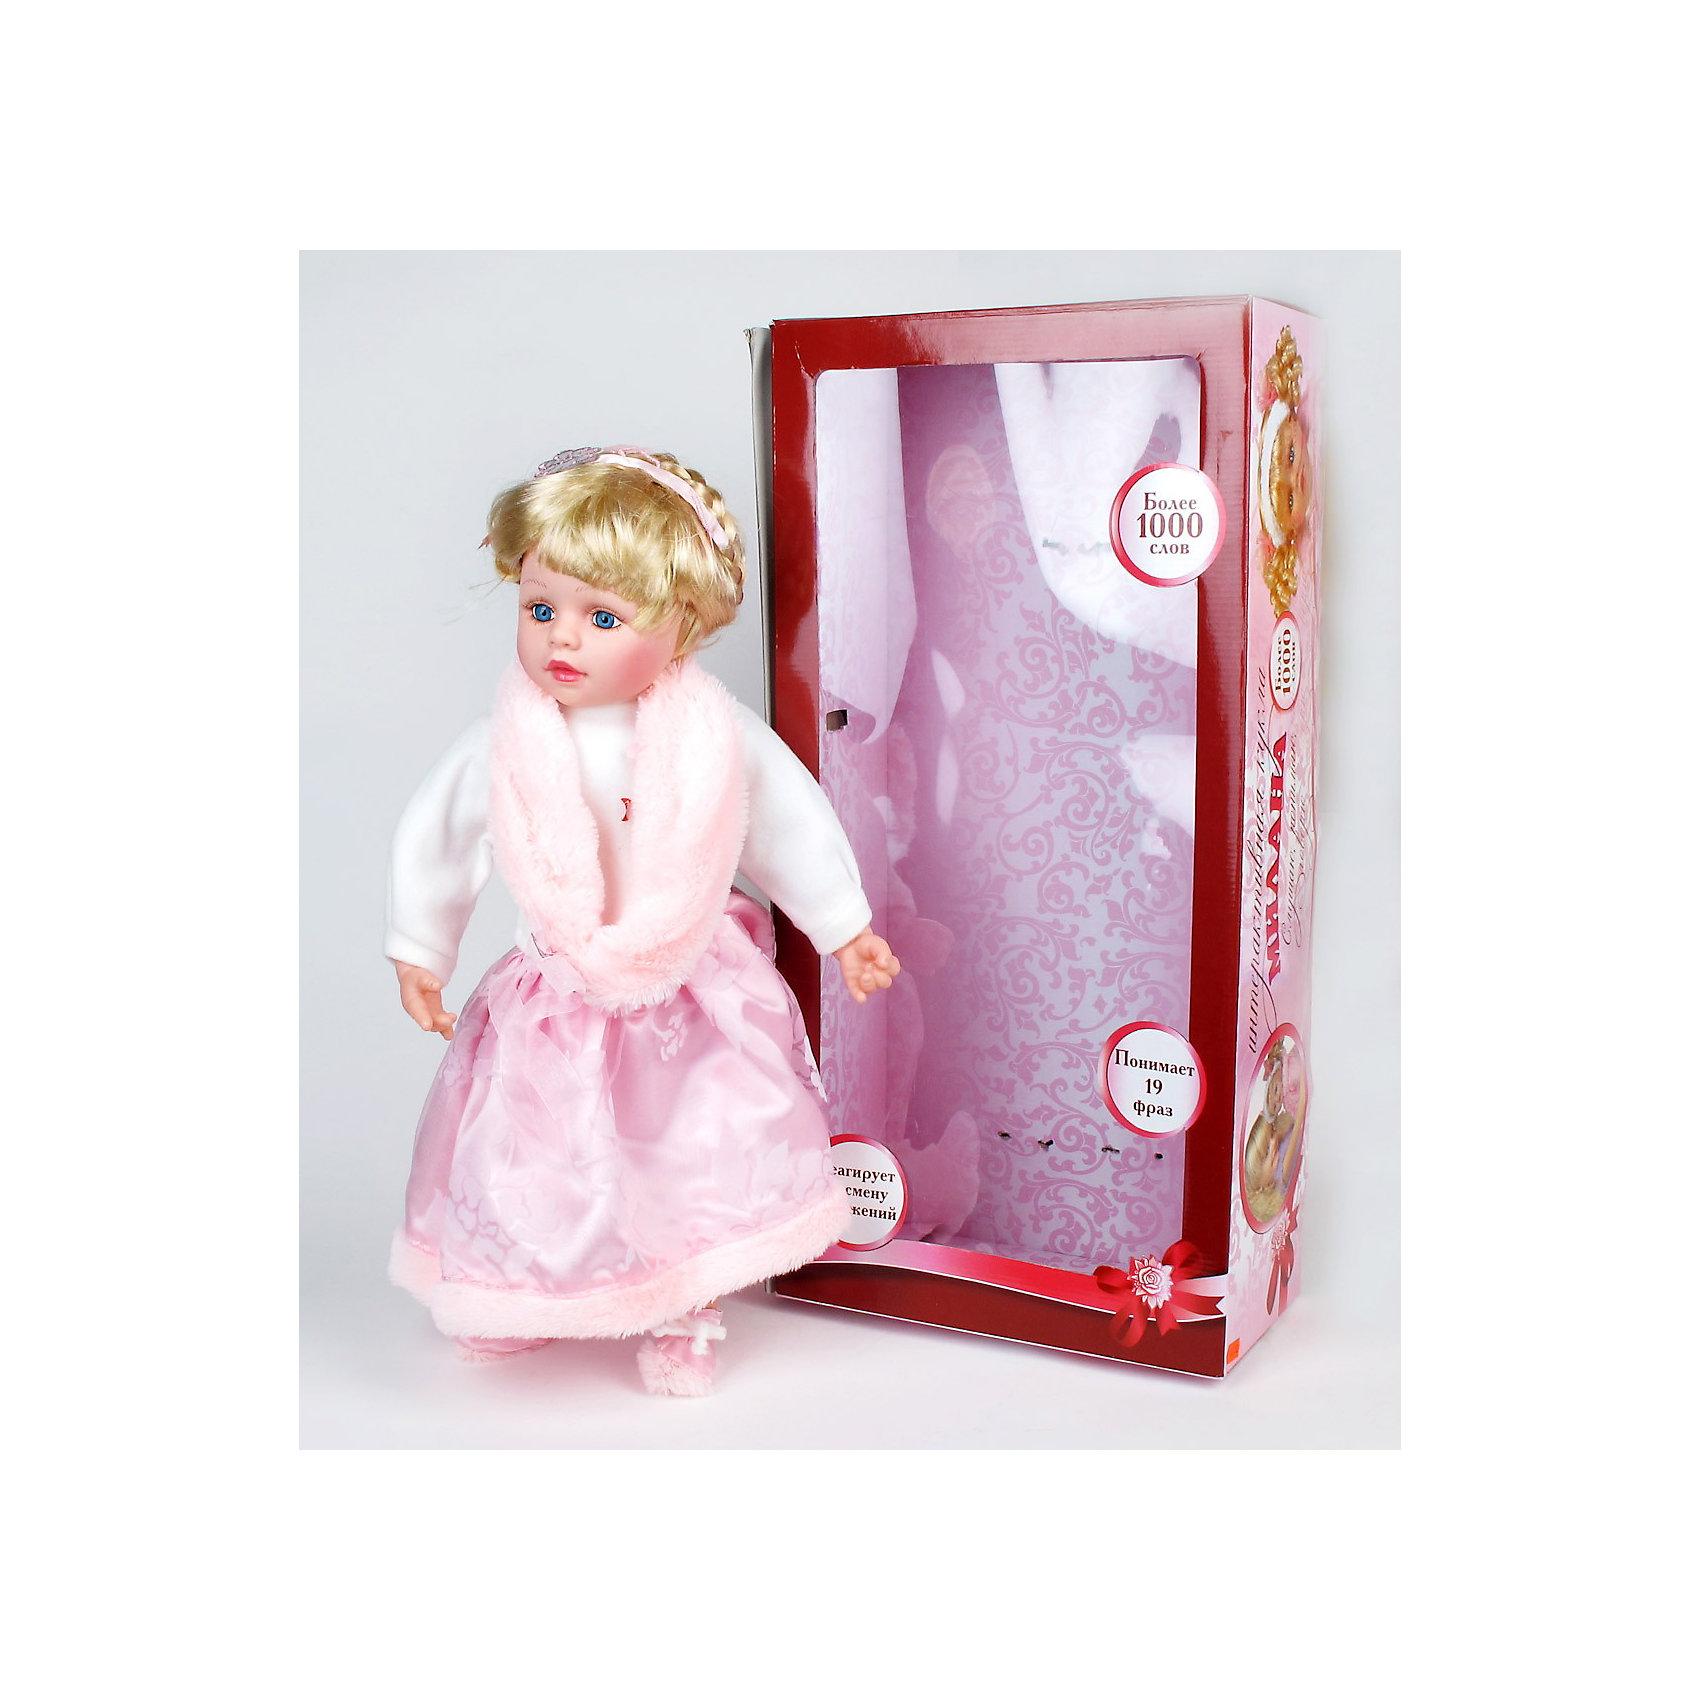 Кукла Карапуз Милана интерактивнаяИнтерактивные куклы<br>Милана - интерактивная кукла на батарейках, руссифицированная, 1000 слов, 19 фраз, реагирует на смену положения, поворачивает голову, шевелит губами, поздавляет с днём рождения, учит алфавит, знает много скороговорок, стихов, загадок, поёт песенку. играет в больницу, знакомит с професиями,  учит алфавиту. просится спать когда устаёт. понимает и отвечает на 19 фраз.<br><br>Ширина мм: 160<br>Глубина мм: 310<br>Высота мм: 640<br>Вес г: 2170<br>Возраст от месяцев: 36<br>Возраст до месяцев: 144<br>Пол: Женский<br>Возраст: Детский<br>SKU: 3180964